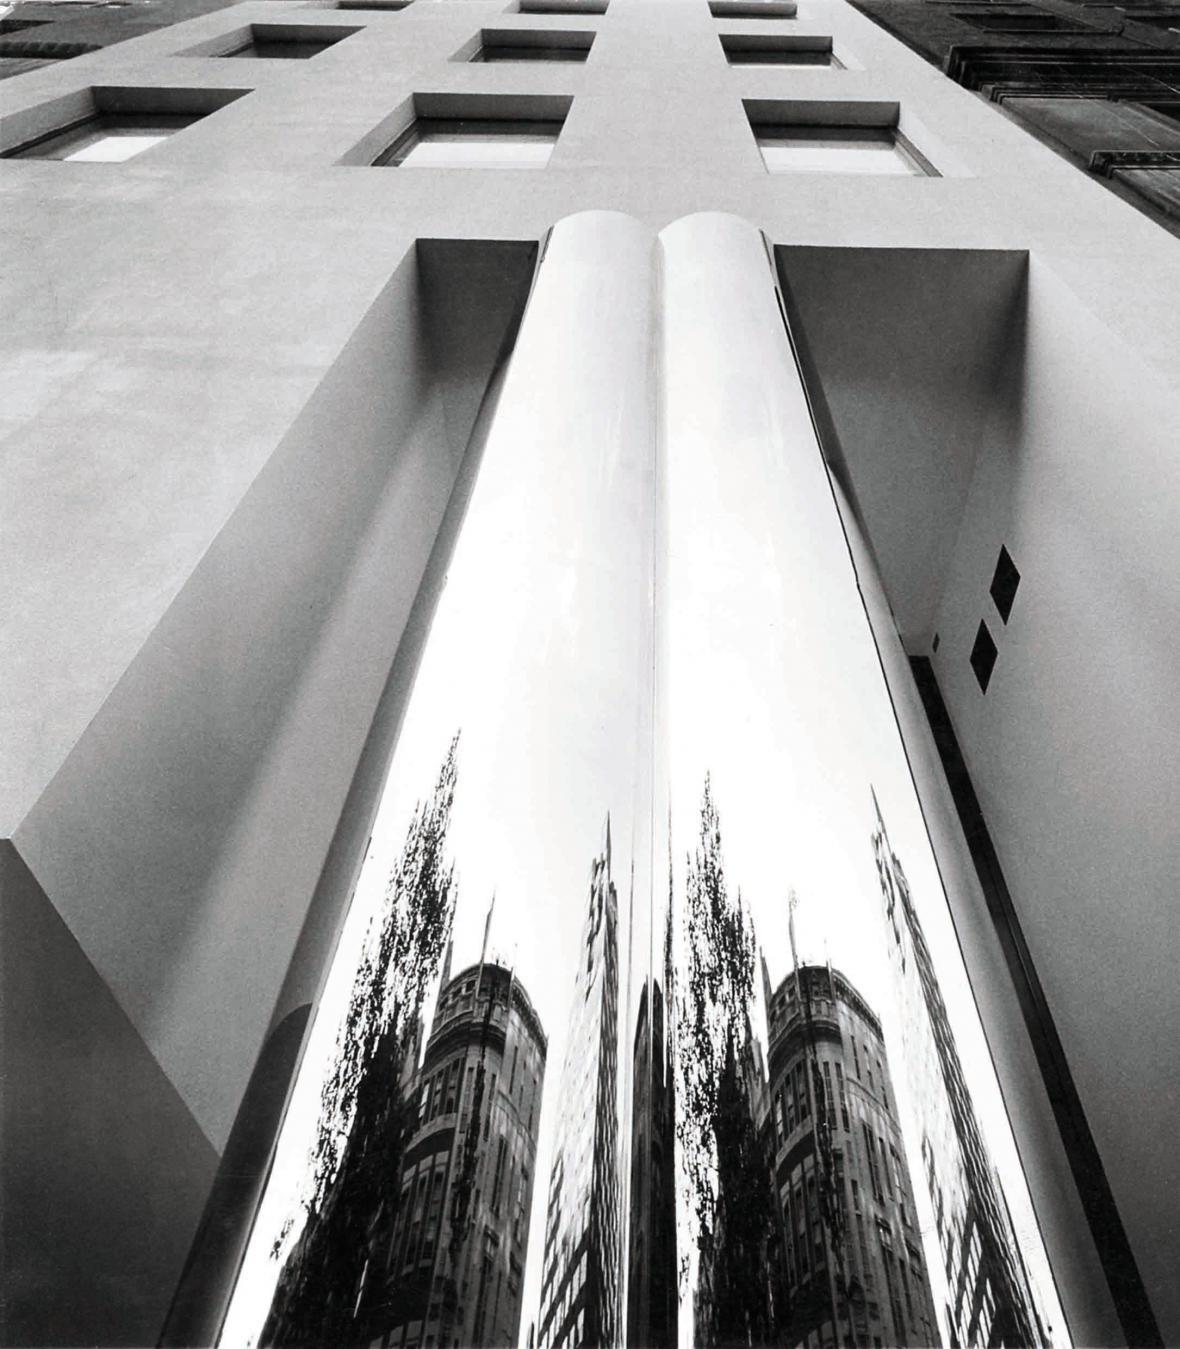 Richard Feigen Gallery, New York / Hans Hollein